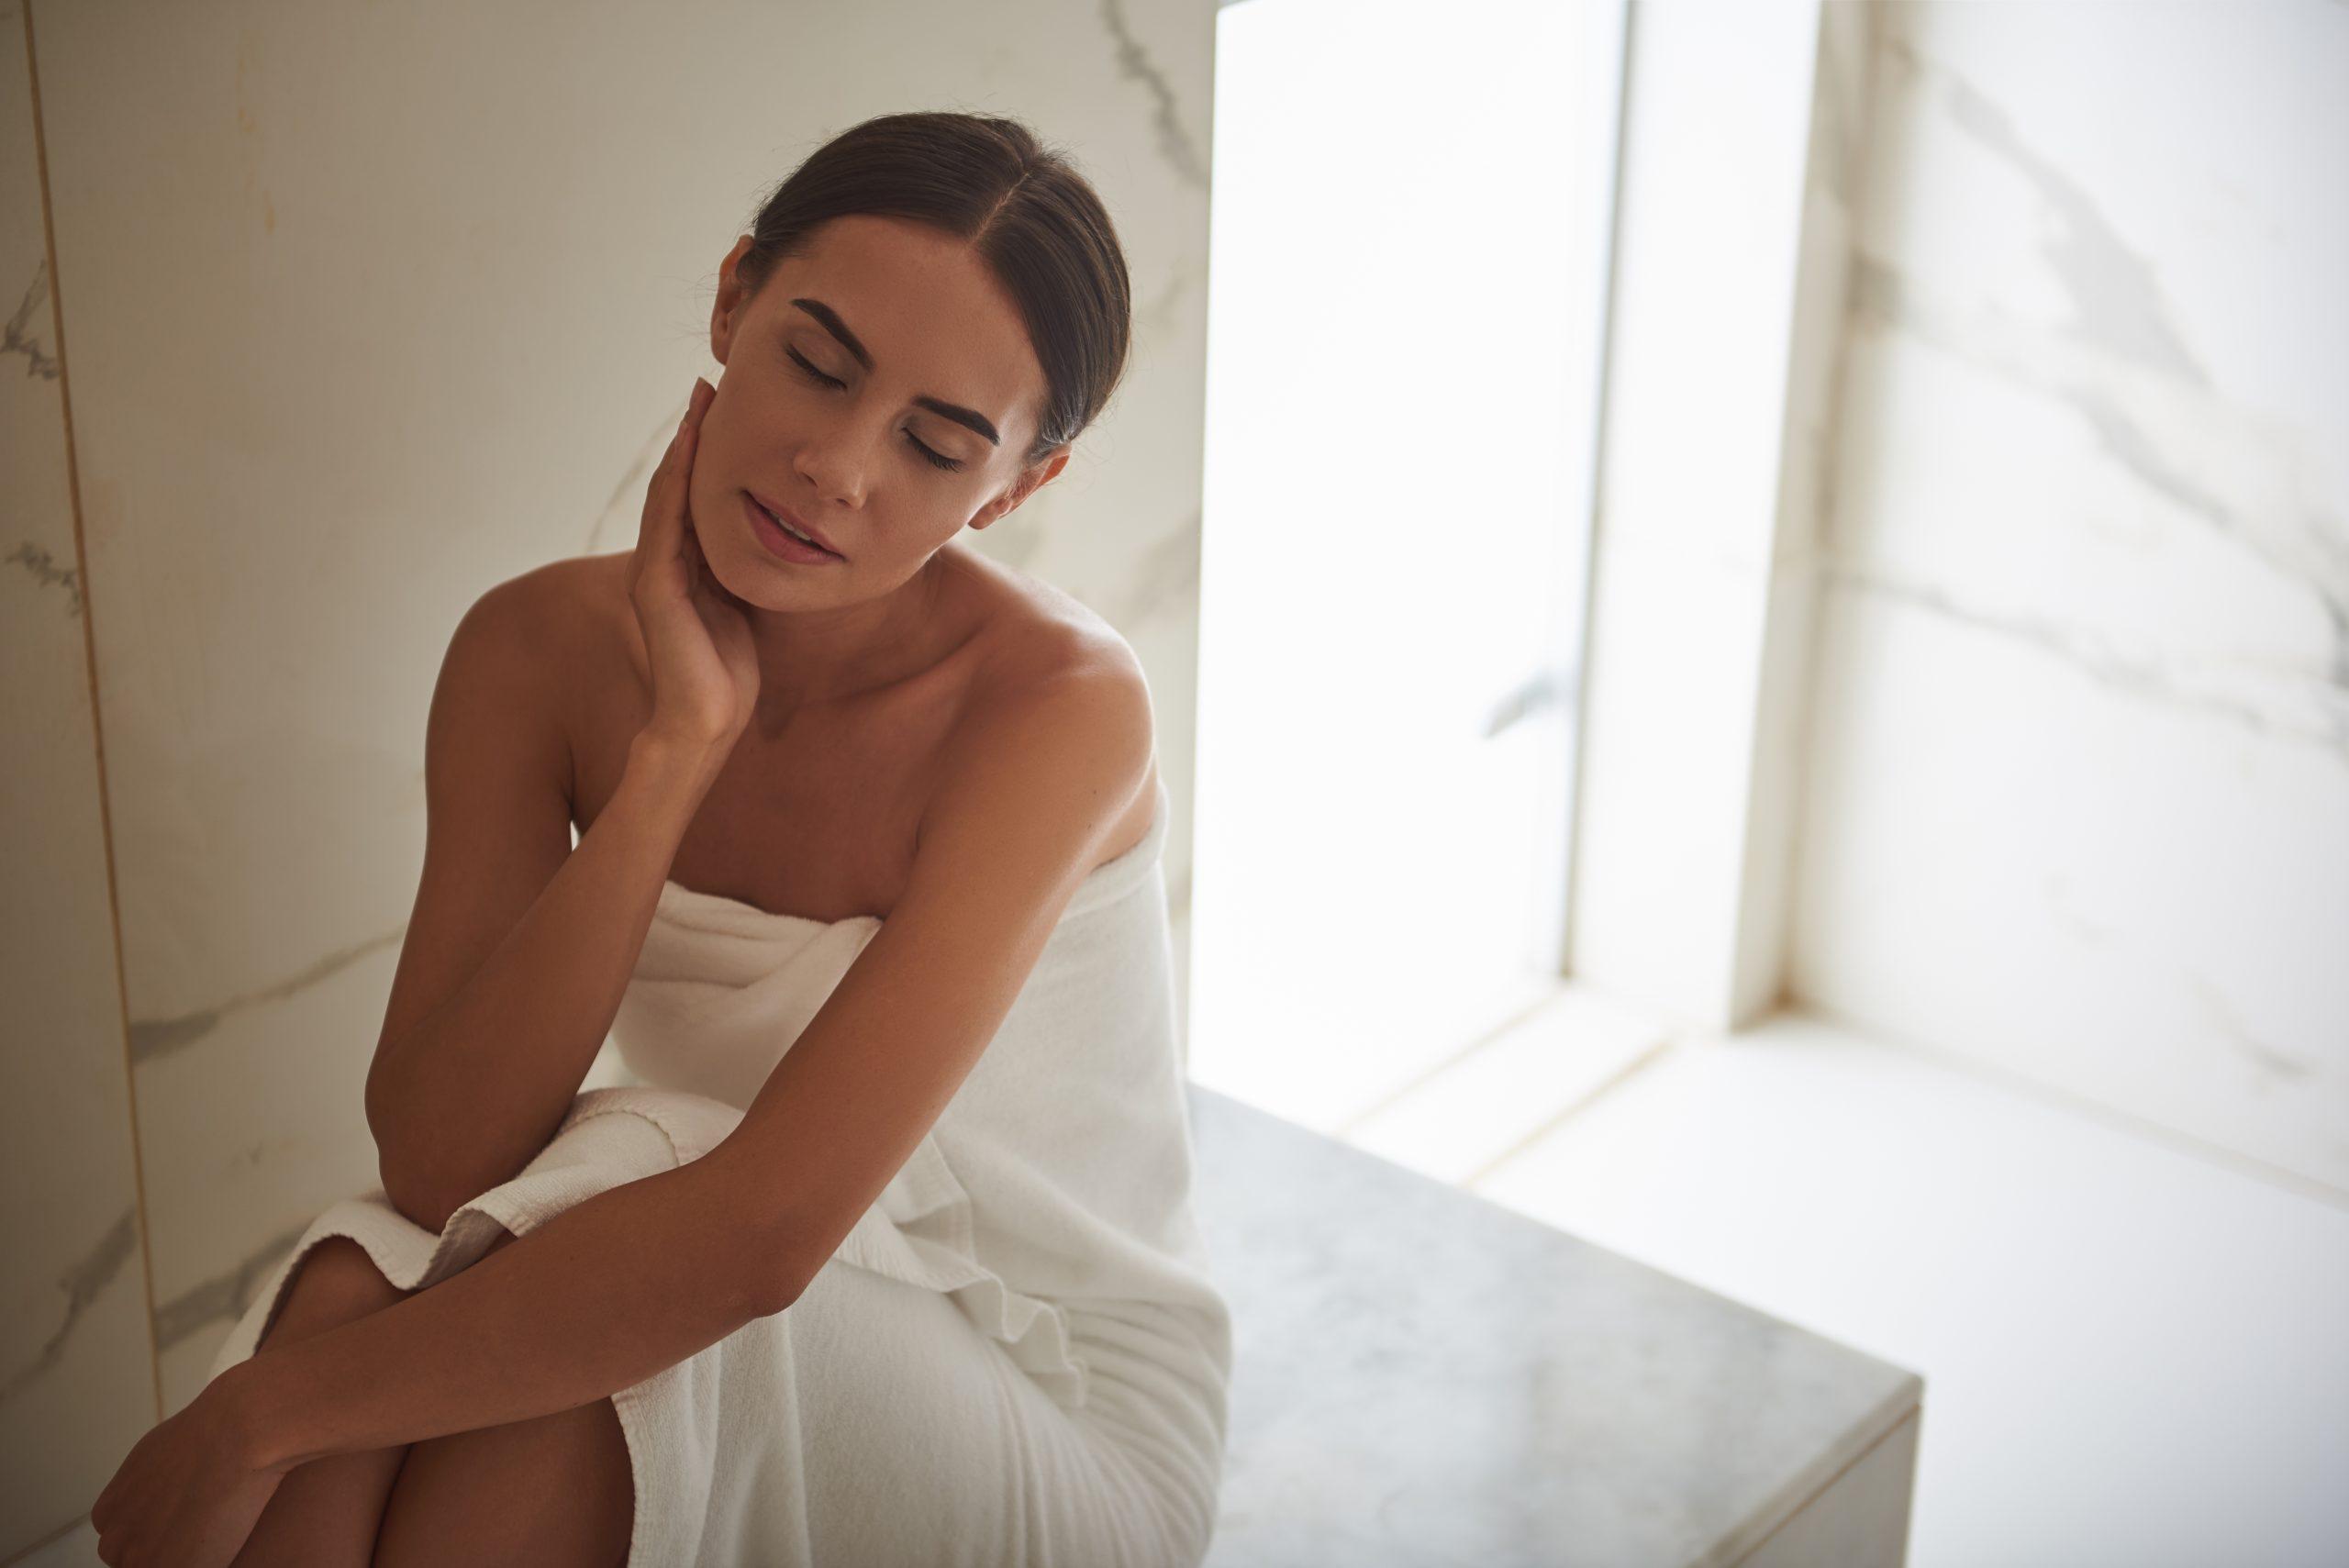 Spa em casa: como transformar seu banheiro em um verdadeiro espaço de bem-estar